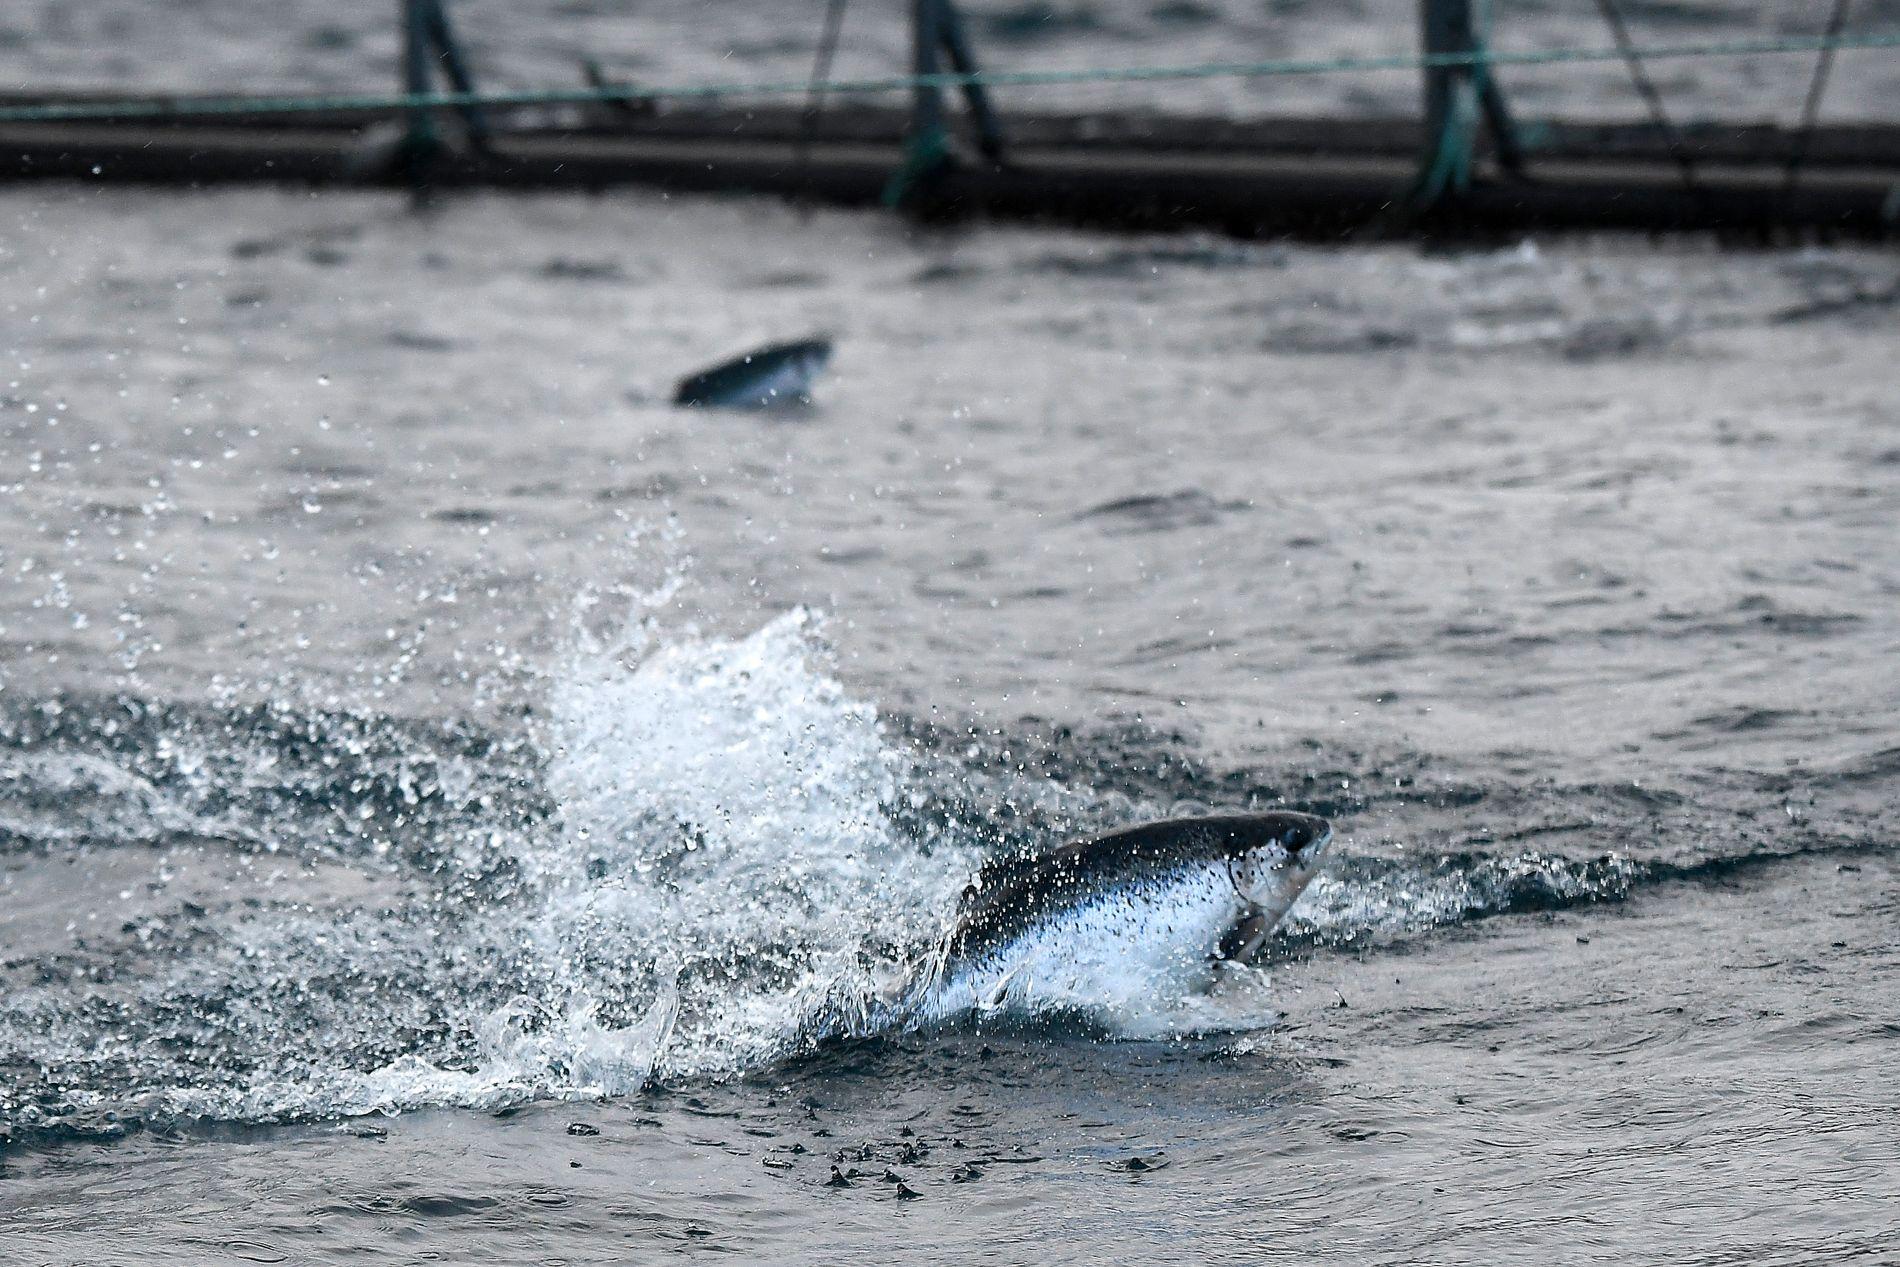 ENGASJEMENT: Mange har demonstrert mot monstermaster i Hardanger, pelsdyroppdrett og gruvedrift i Førdefjorden. Hvor er det samme engasjement mot åpne oppdrettsanlegg i sjø, spør innsender.